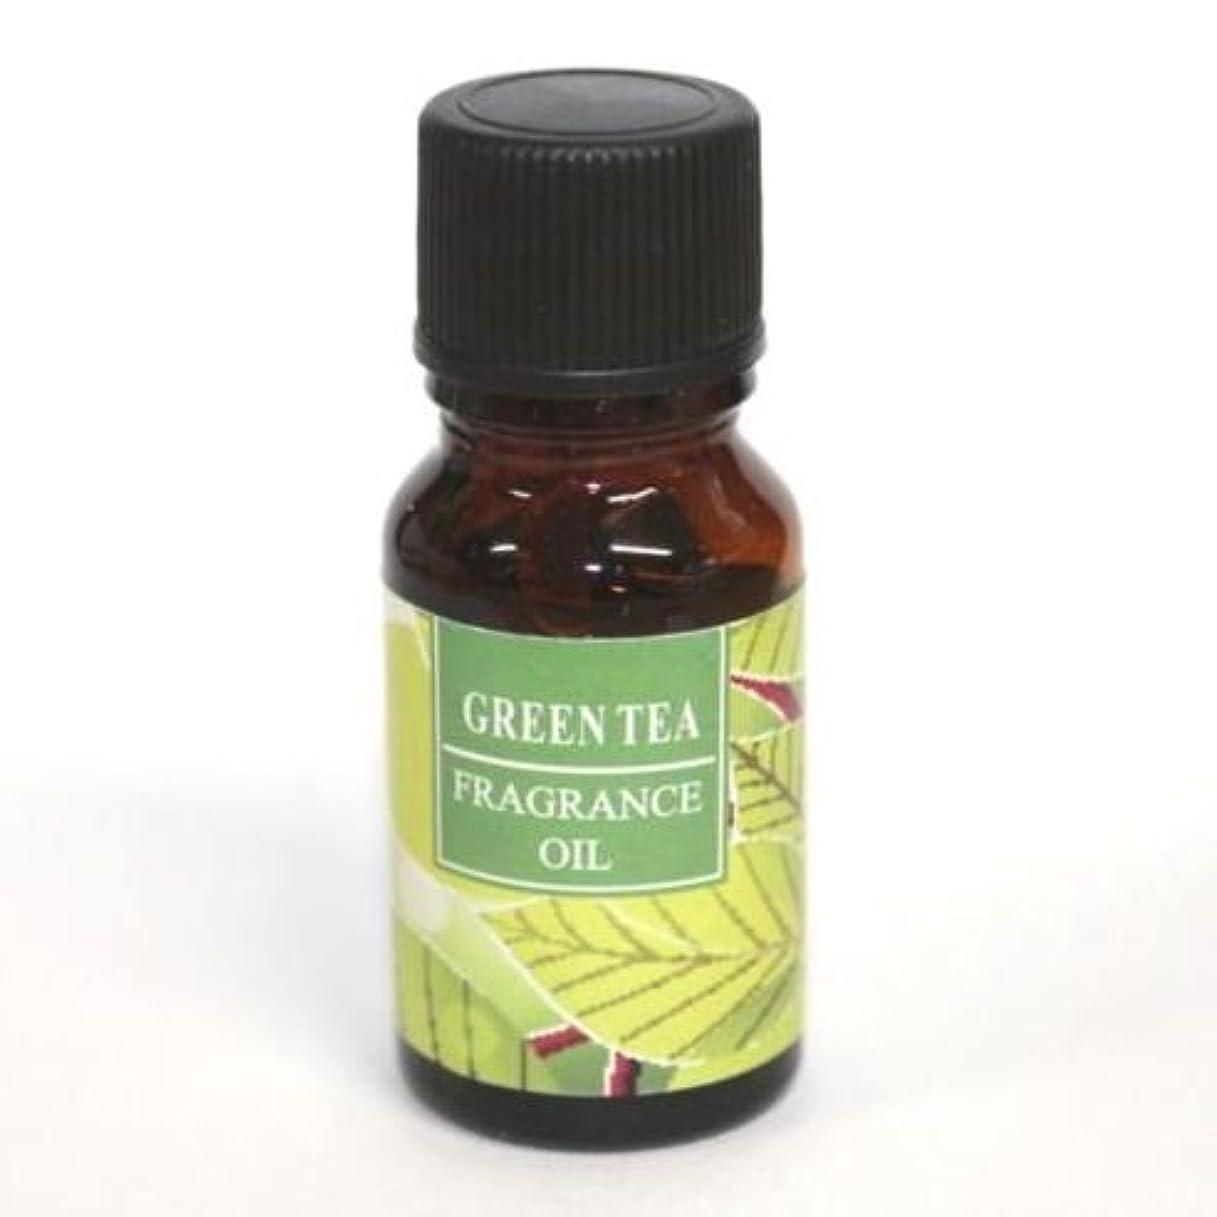 集める周囲アラビア語RELAXING アロマオイル AROMA OIL フレグランスオイル GREEN TEA 緑茶の香り RQ-09